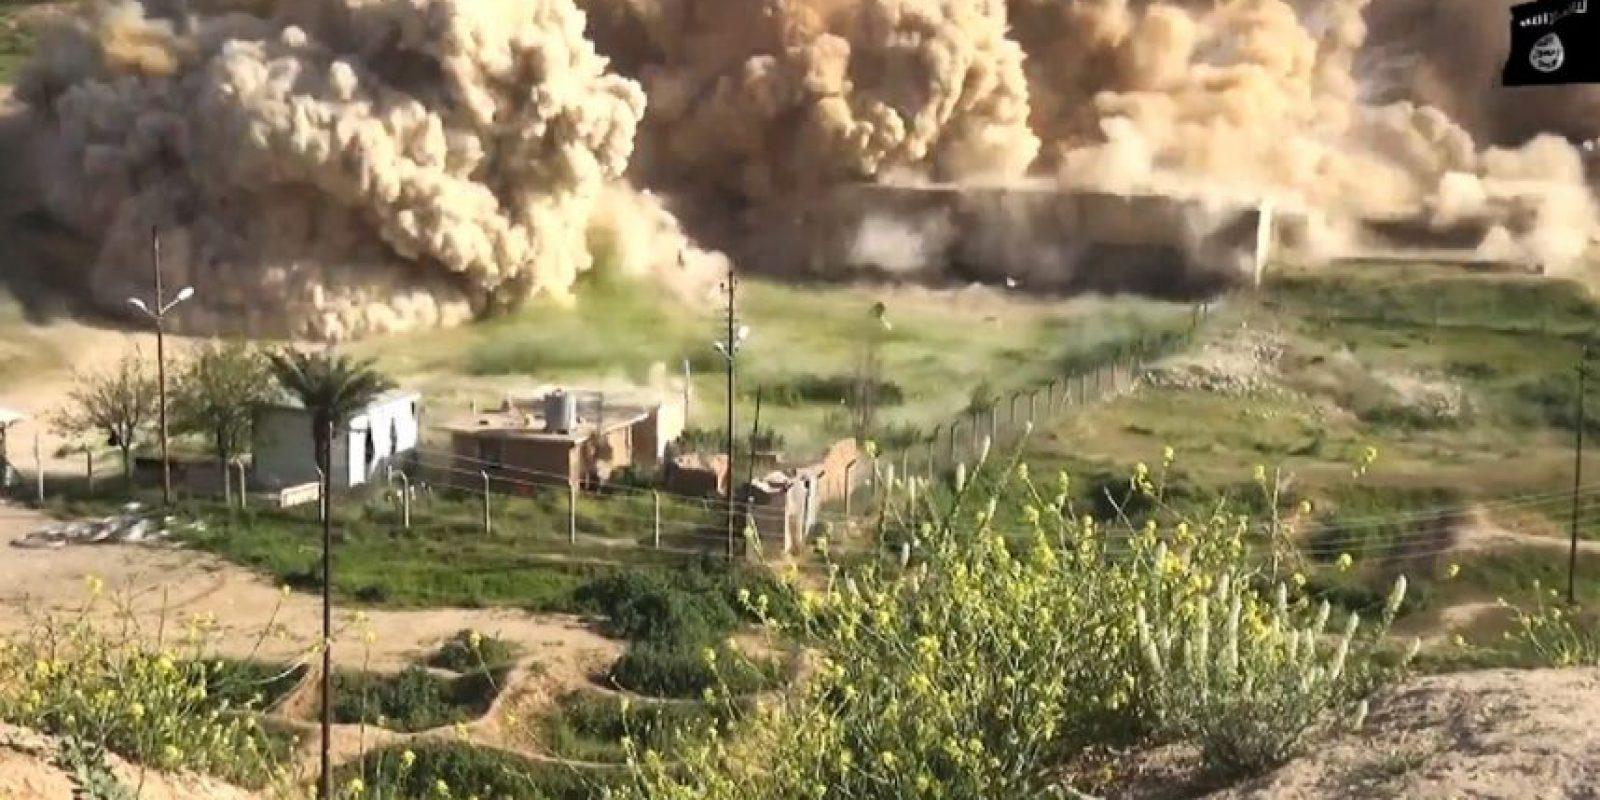 Los ataques han horrorizado a arqueólogos y al secretario general de Naciones Unidas Ban Ki-moon. Foto:AFP